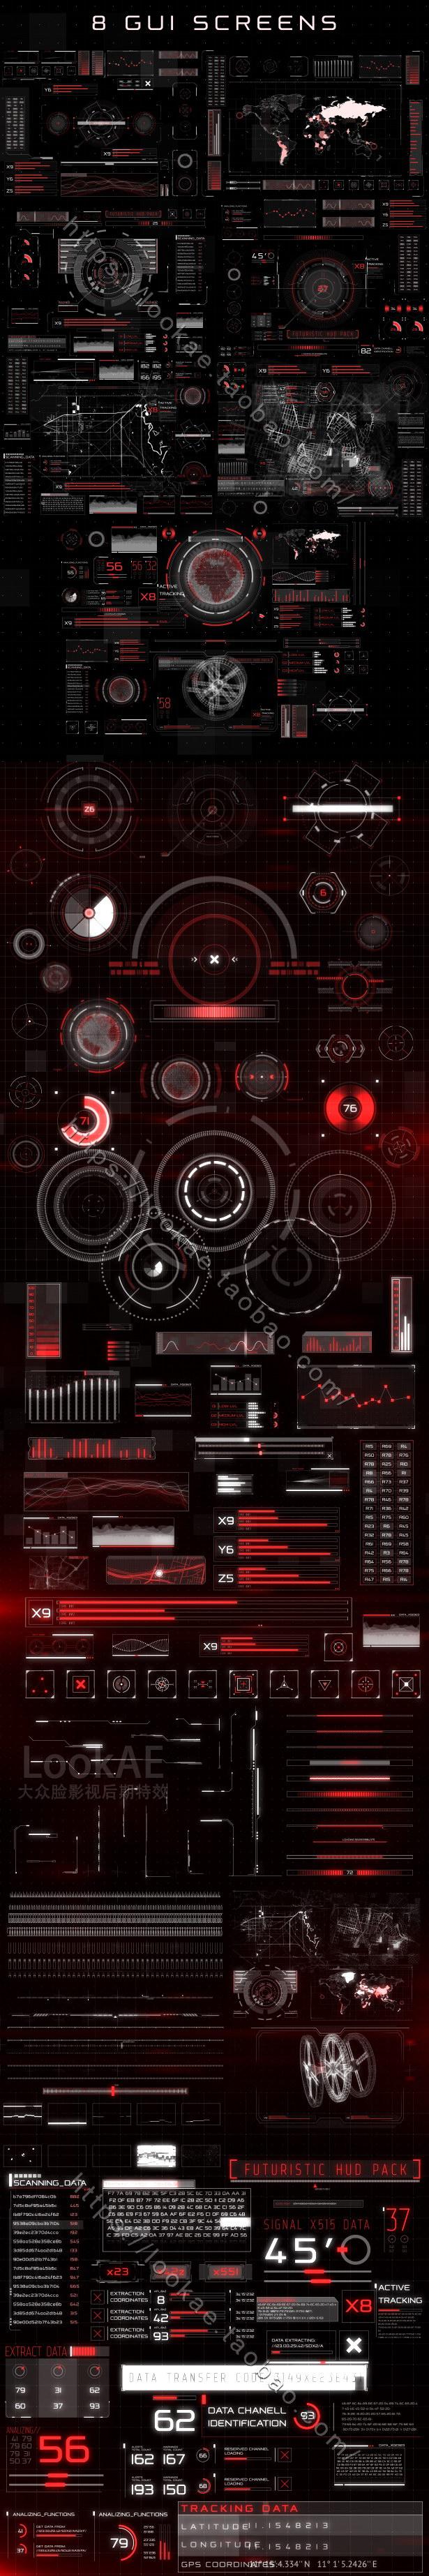 第七季 AE模板-187种HUD高科技信息化动态UI元素包插图1